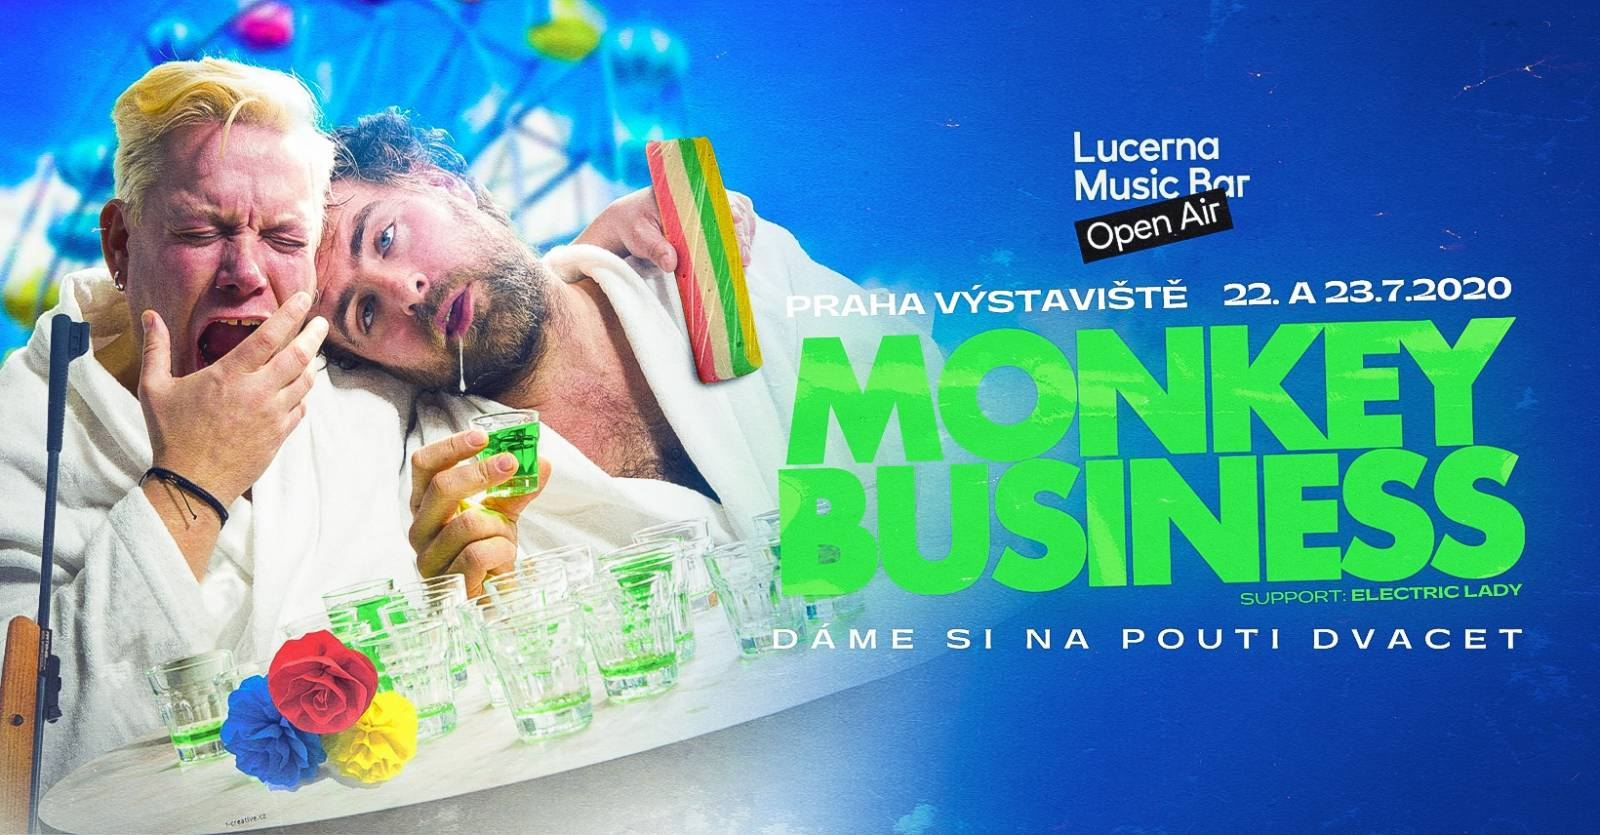 SOUTĚŽ: Narozeniny Monkey Business